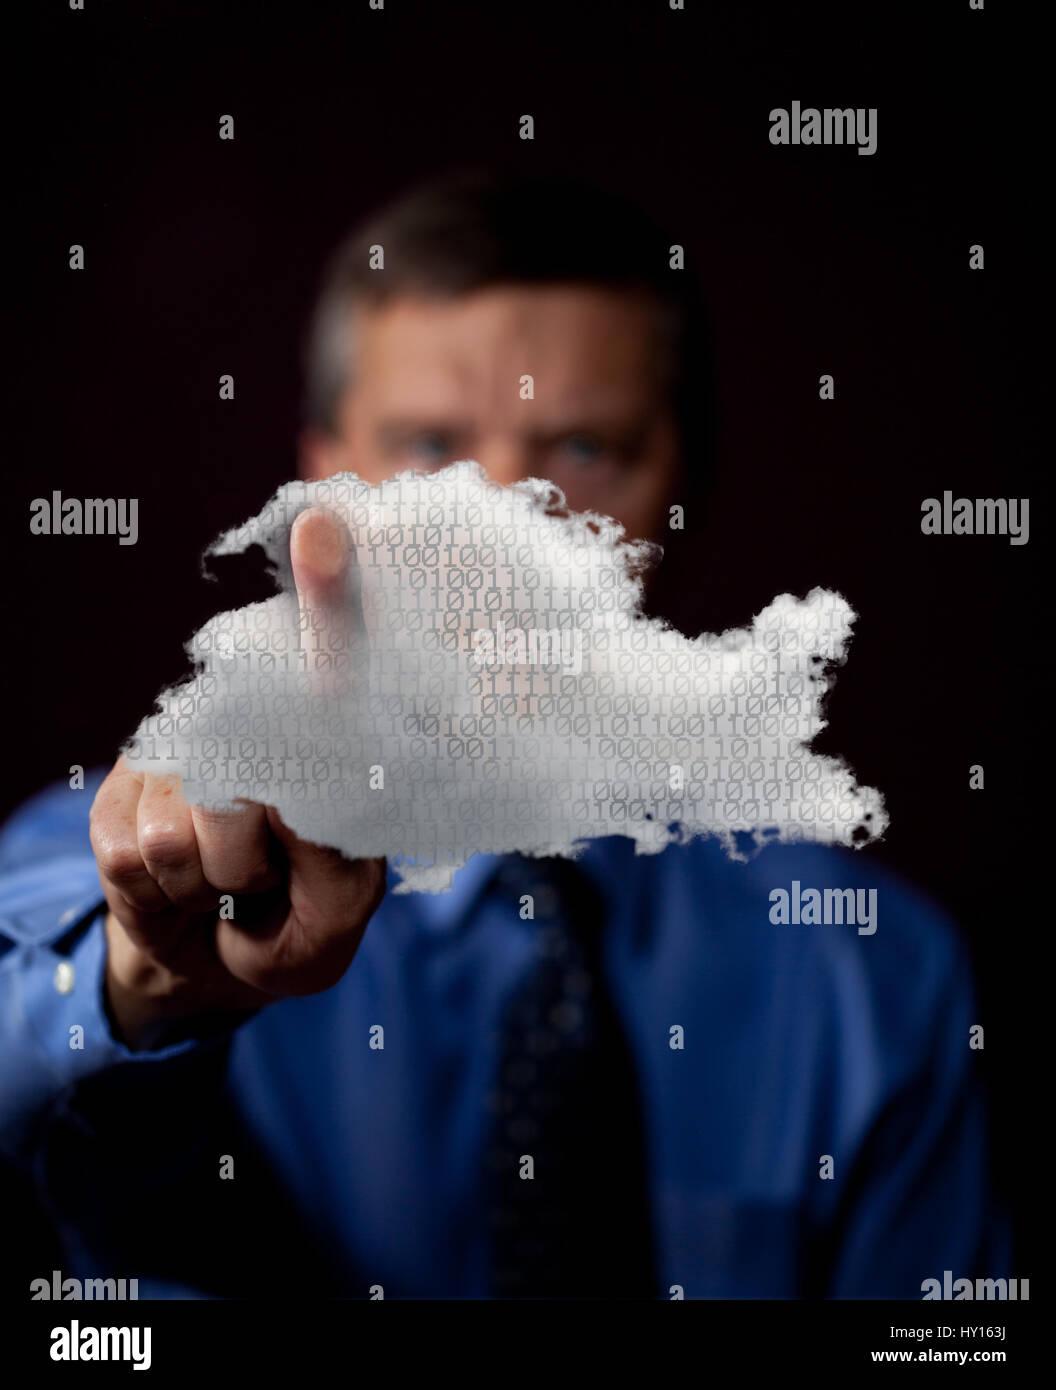 Unternehmer, die Zugriff auf eine Cloud-computing-Netzwerk - Cloud-computing-Konzept Stockbild